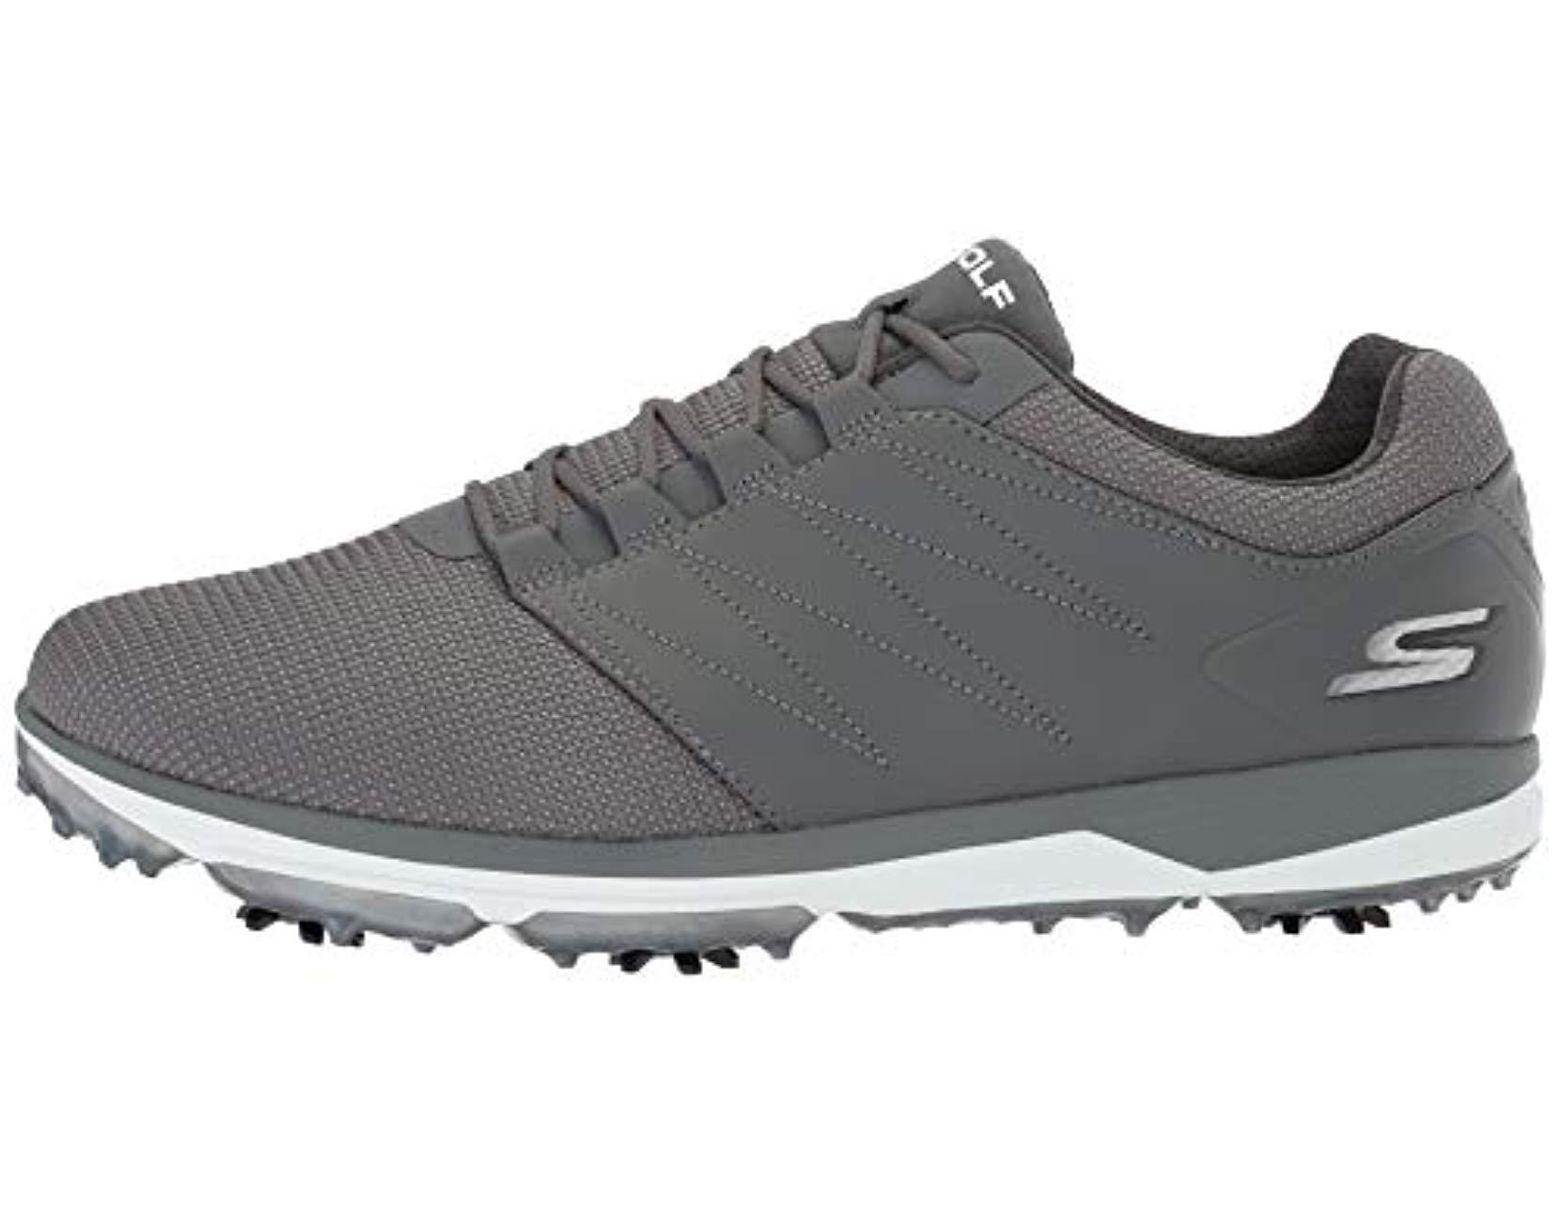 9ddc91e43d Skechers Pro 4 Waterproof Golf Shoe in Gray for Men - Save 10% - Lyst